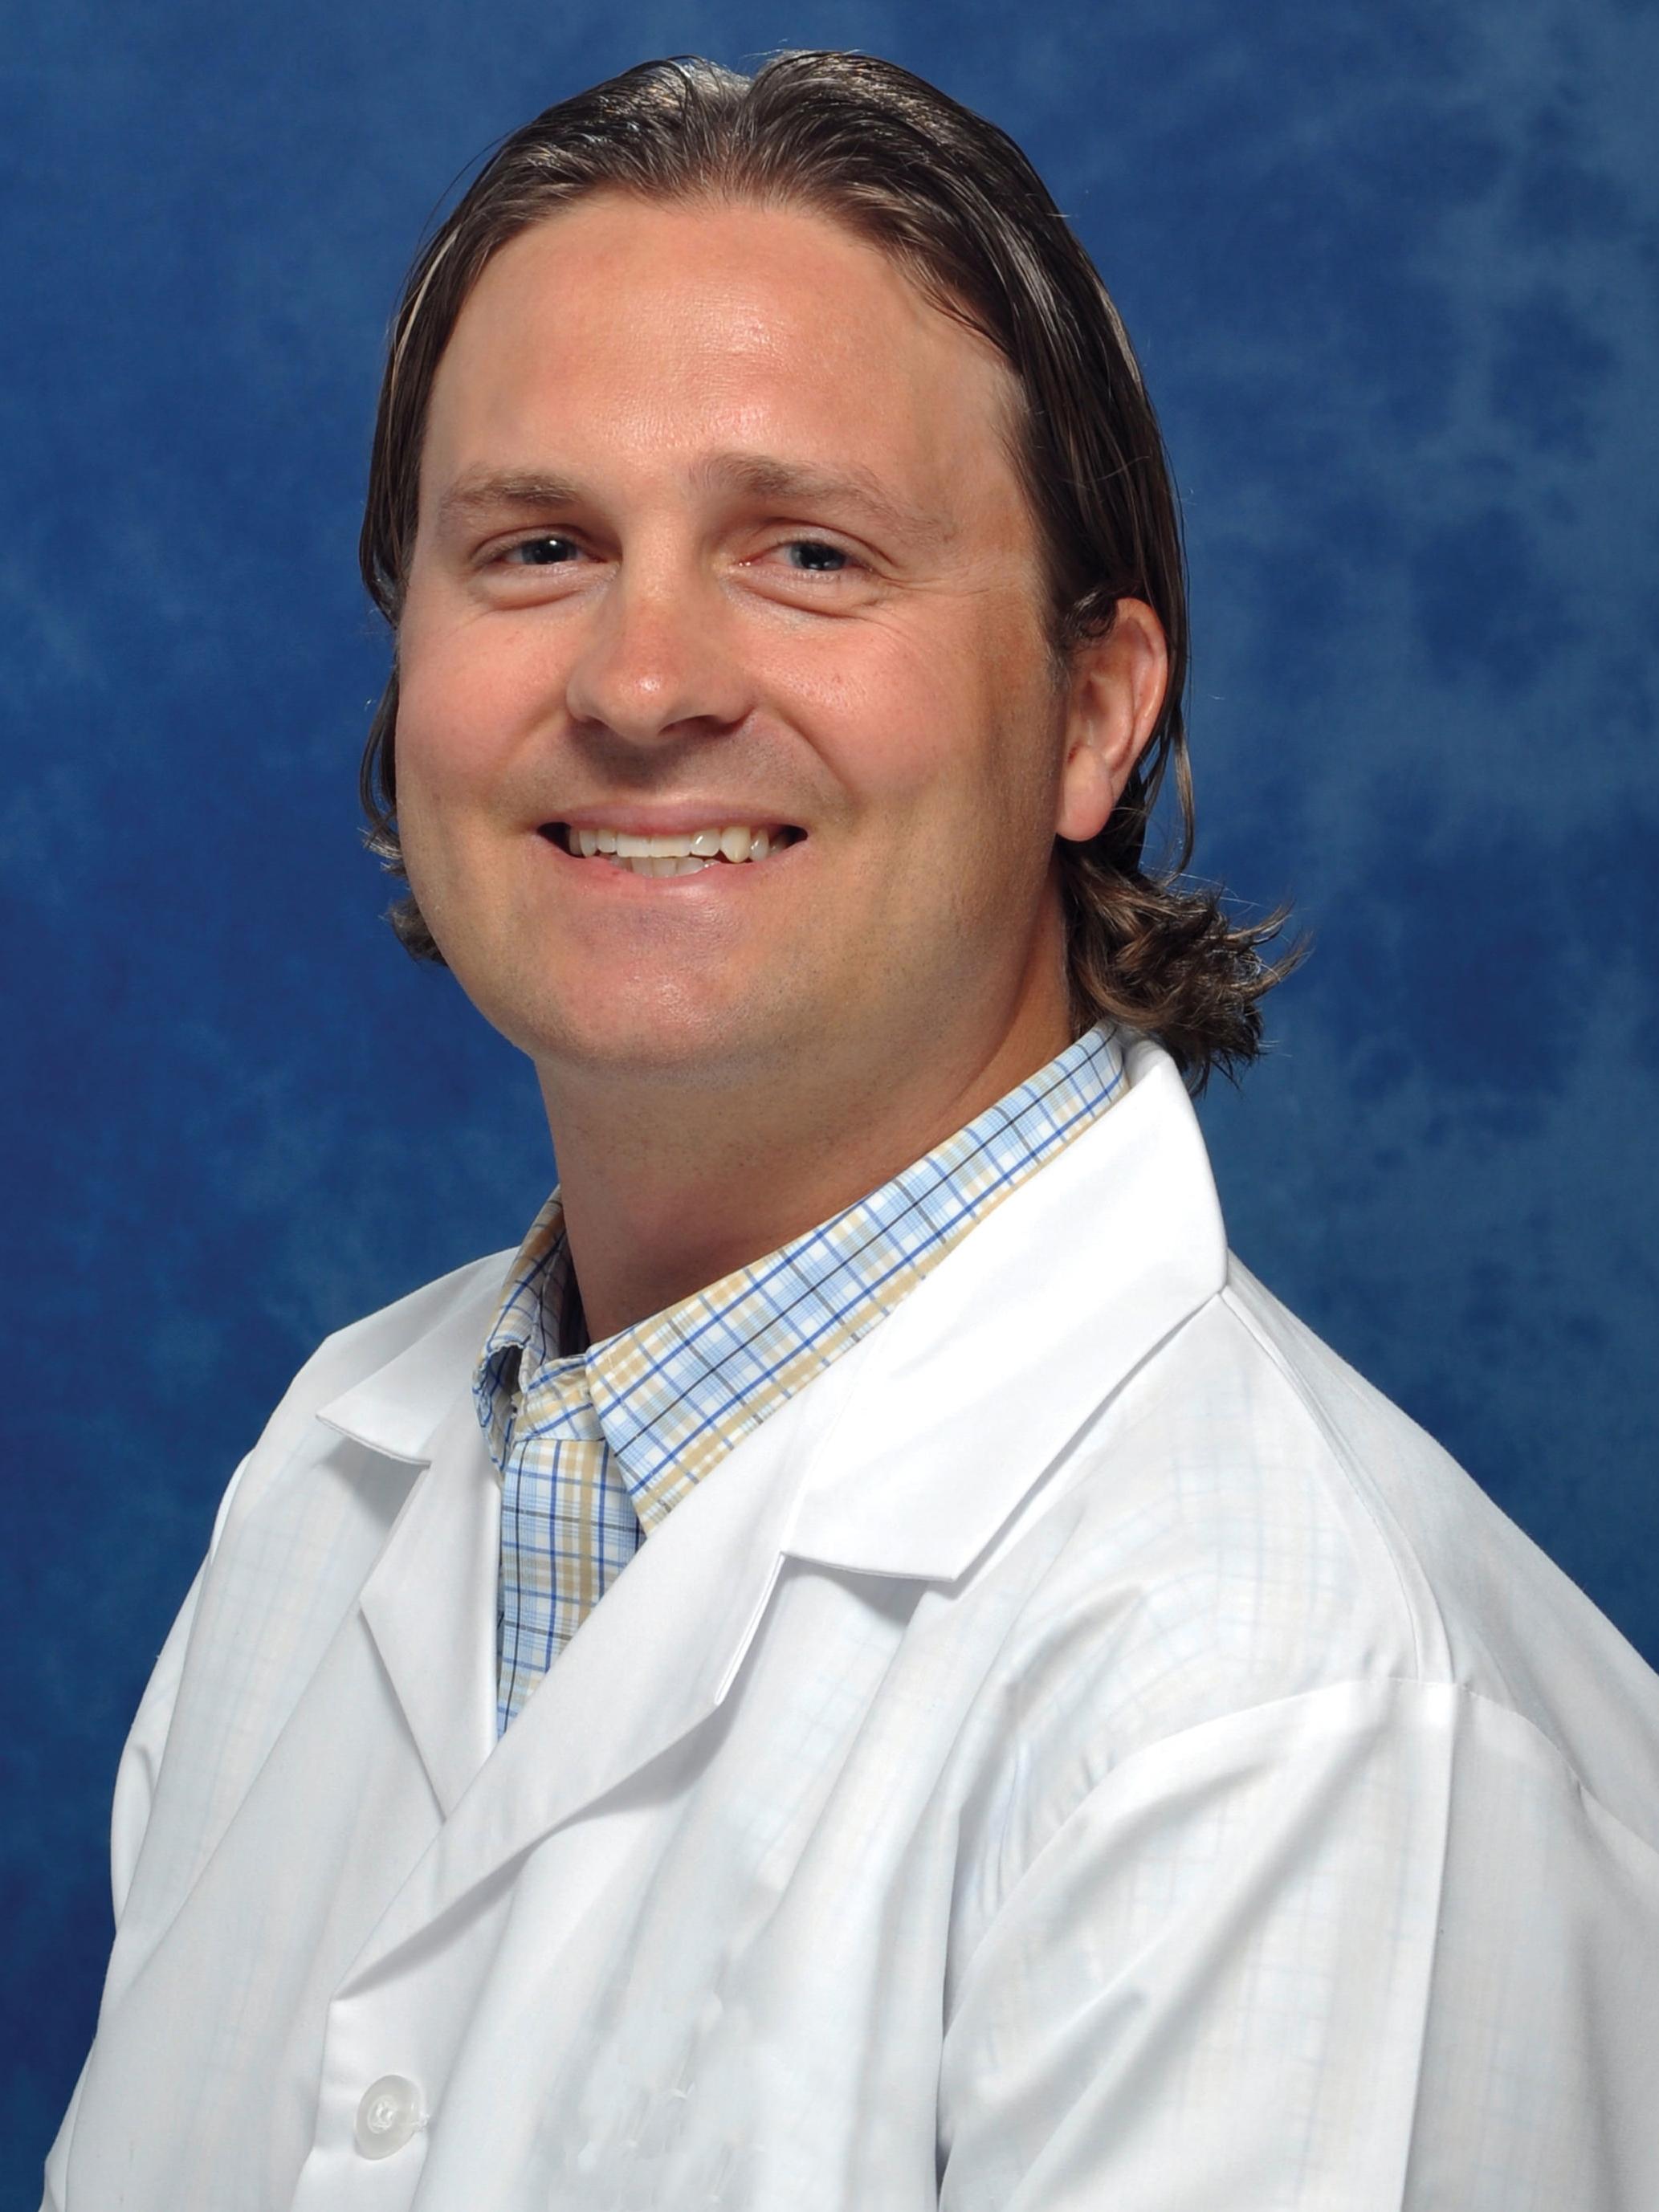 ANDREW TURNER, M.D.